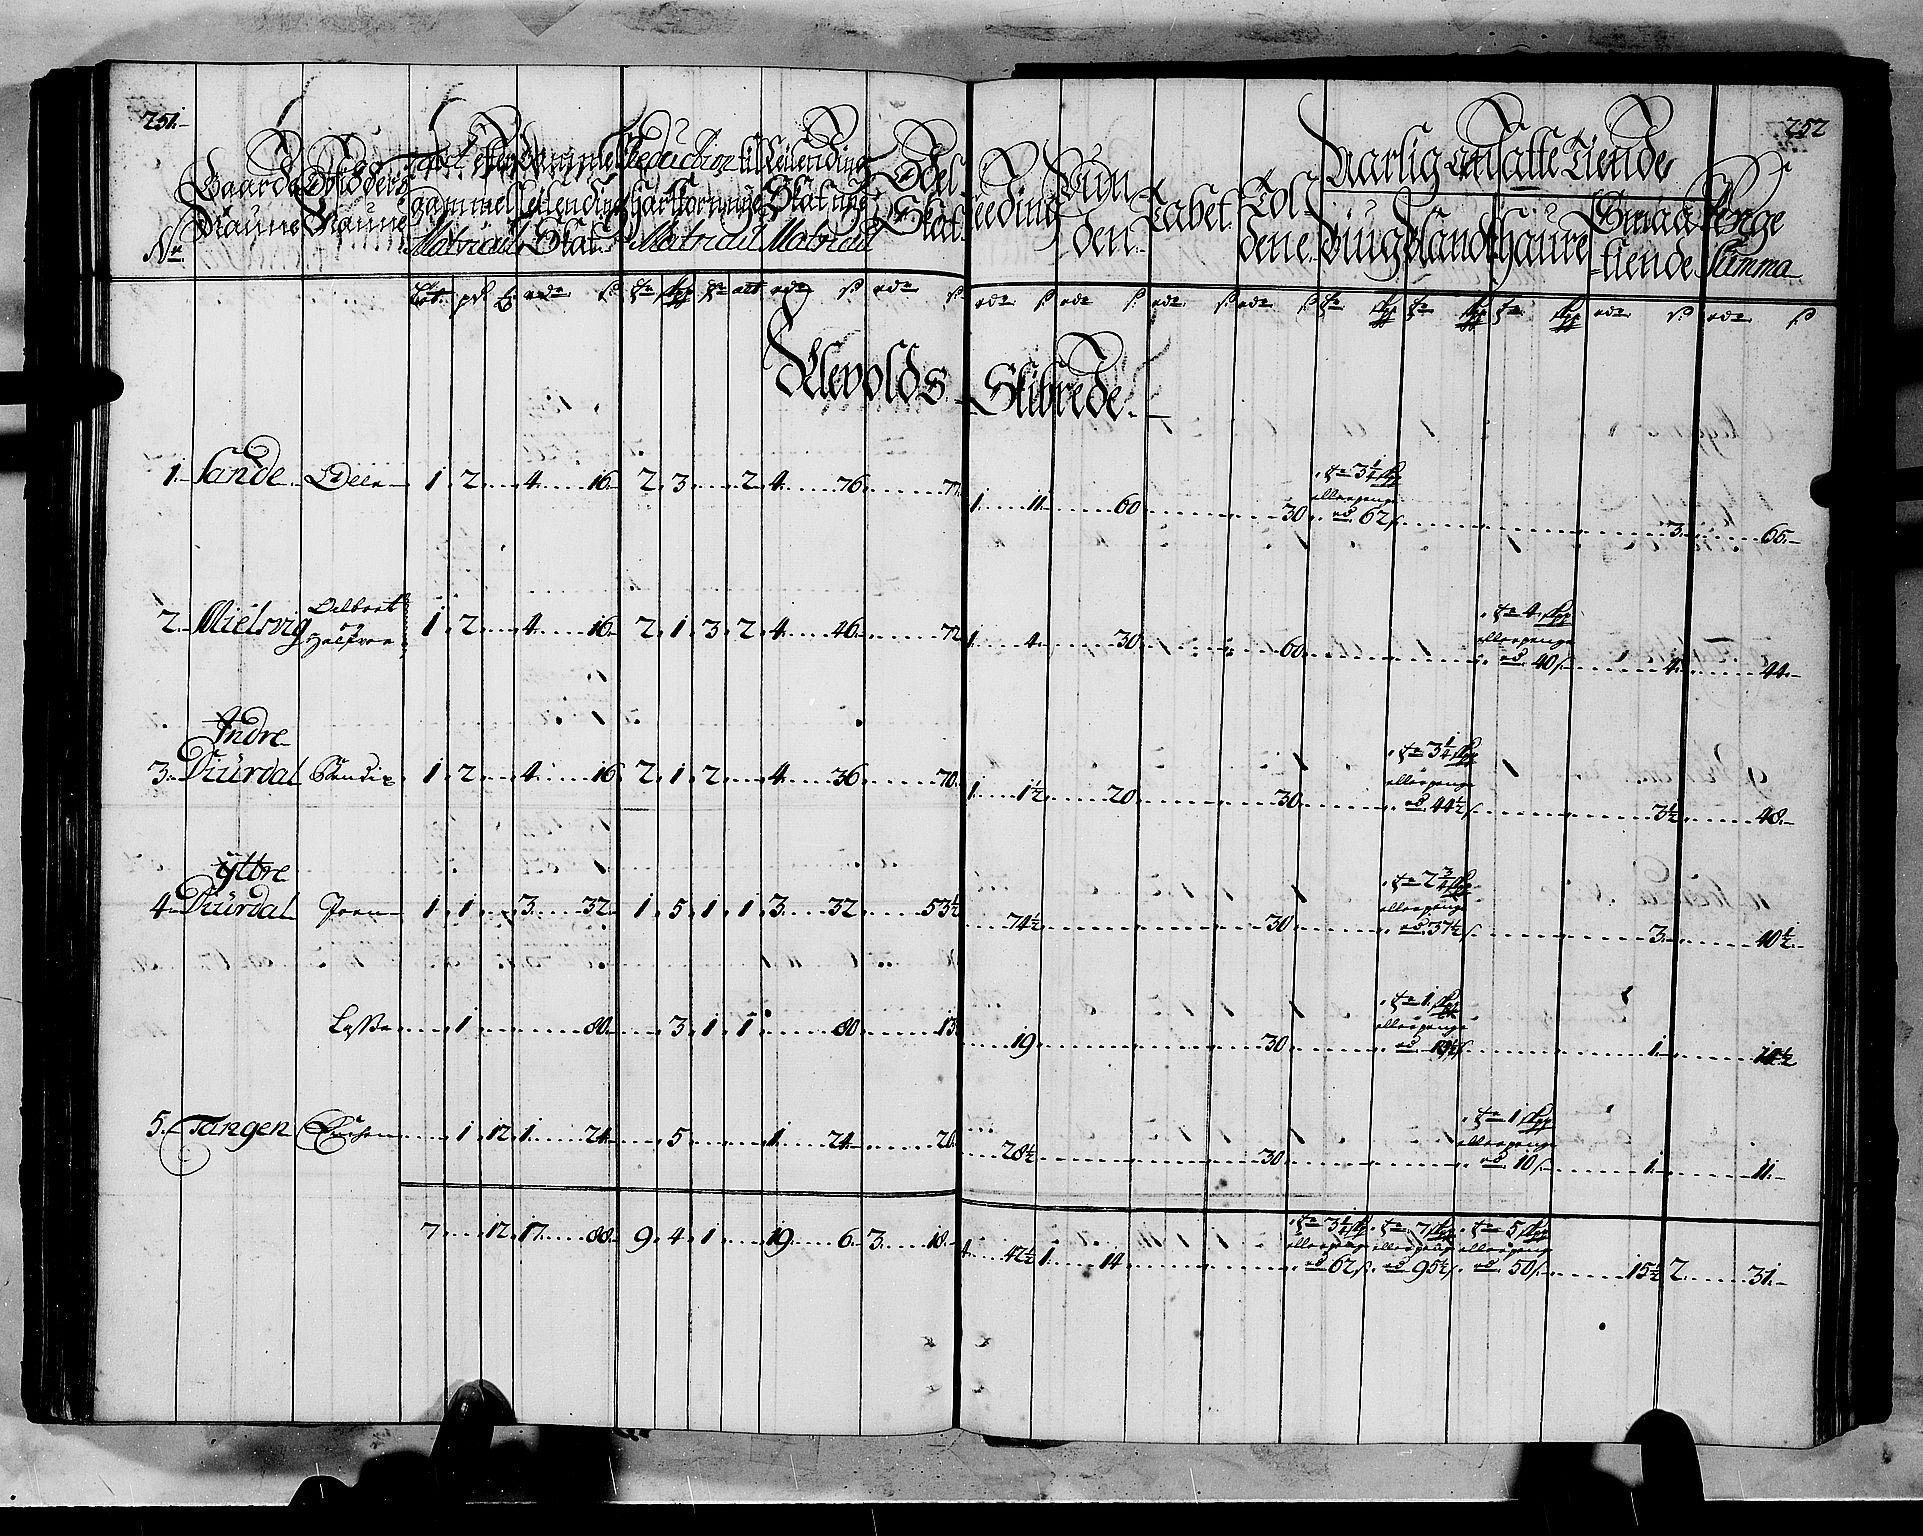 RA, Rentekammeret inntil 1814, Realistisk ordnet avdeling, N/Nb/Nbf/L0145: Ytre Sogn matrikkelprotokoll, 1723, s. 251-252